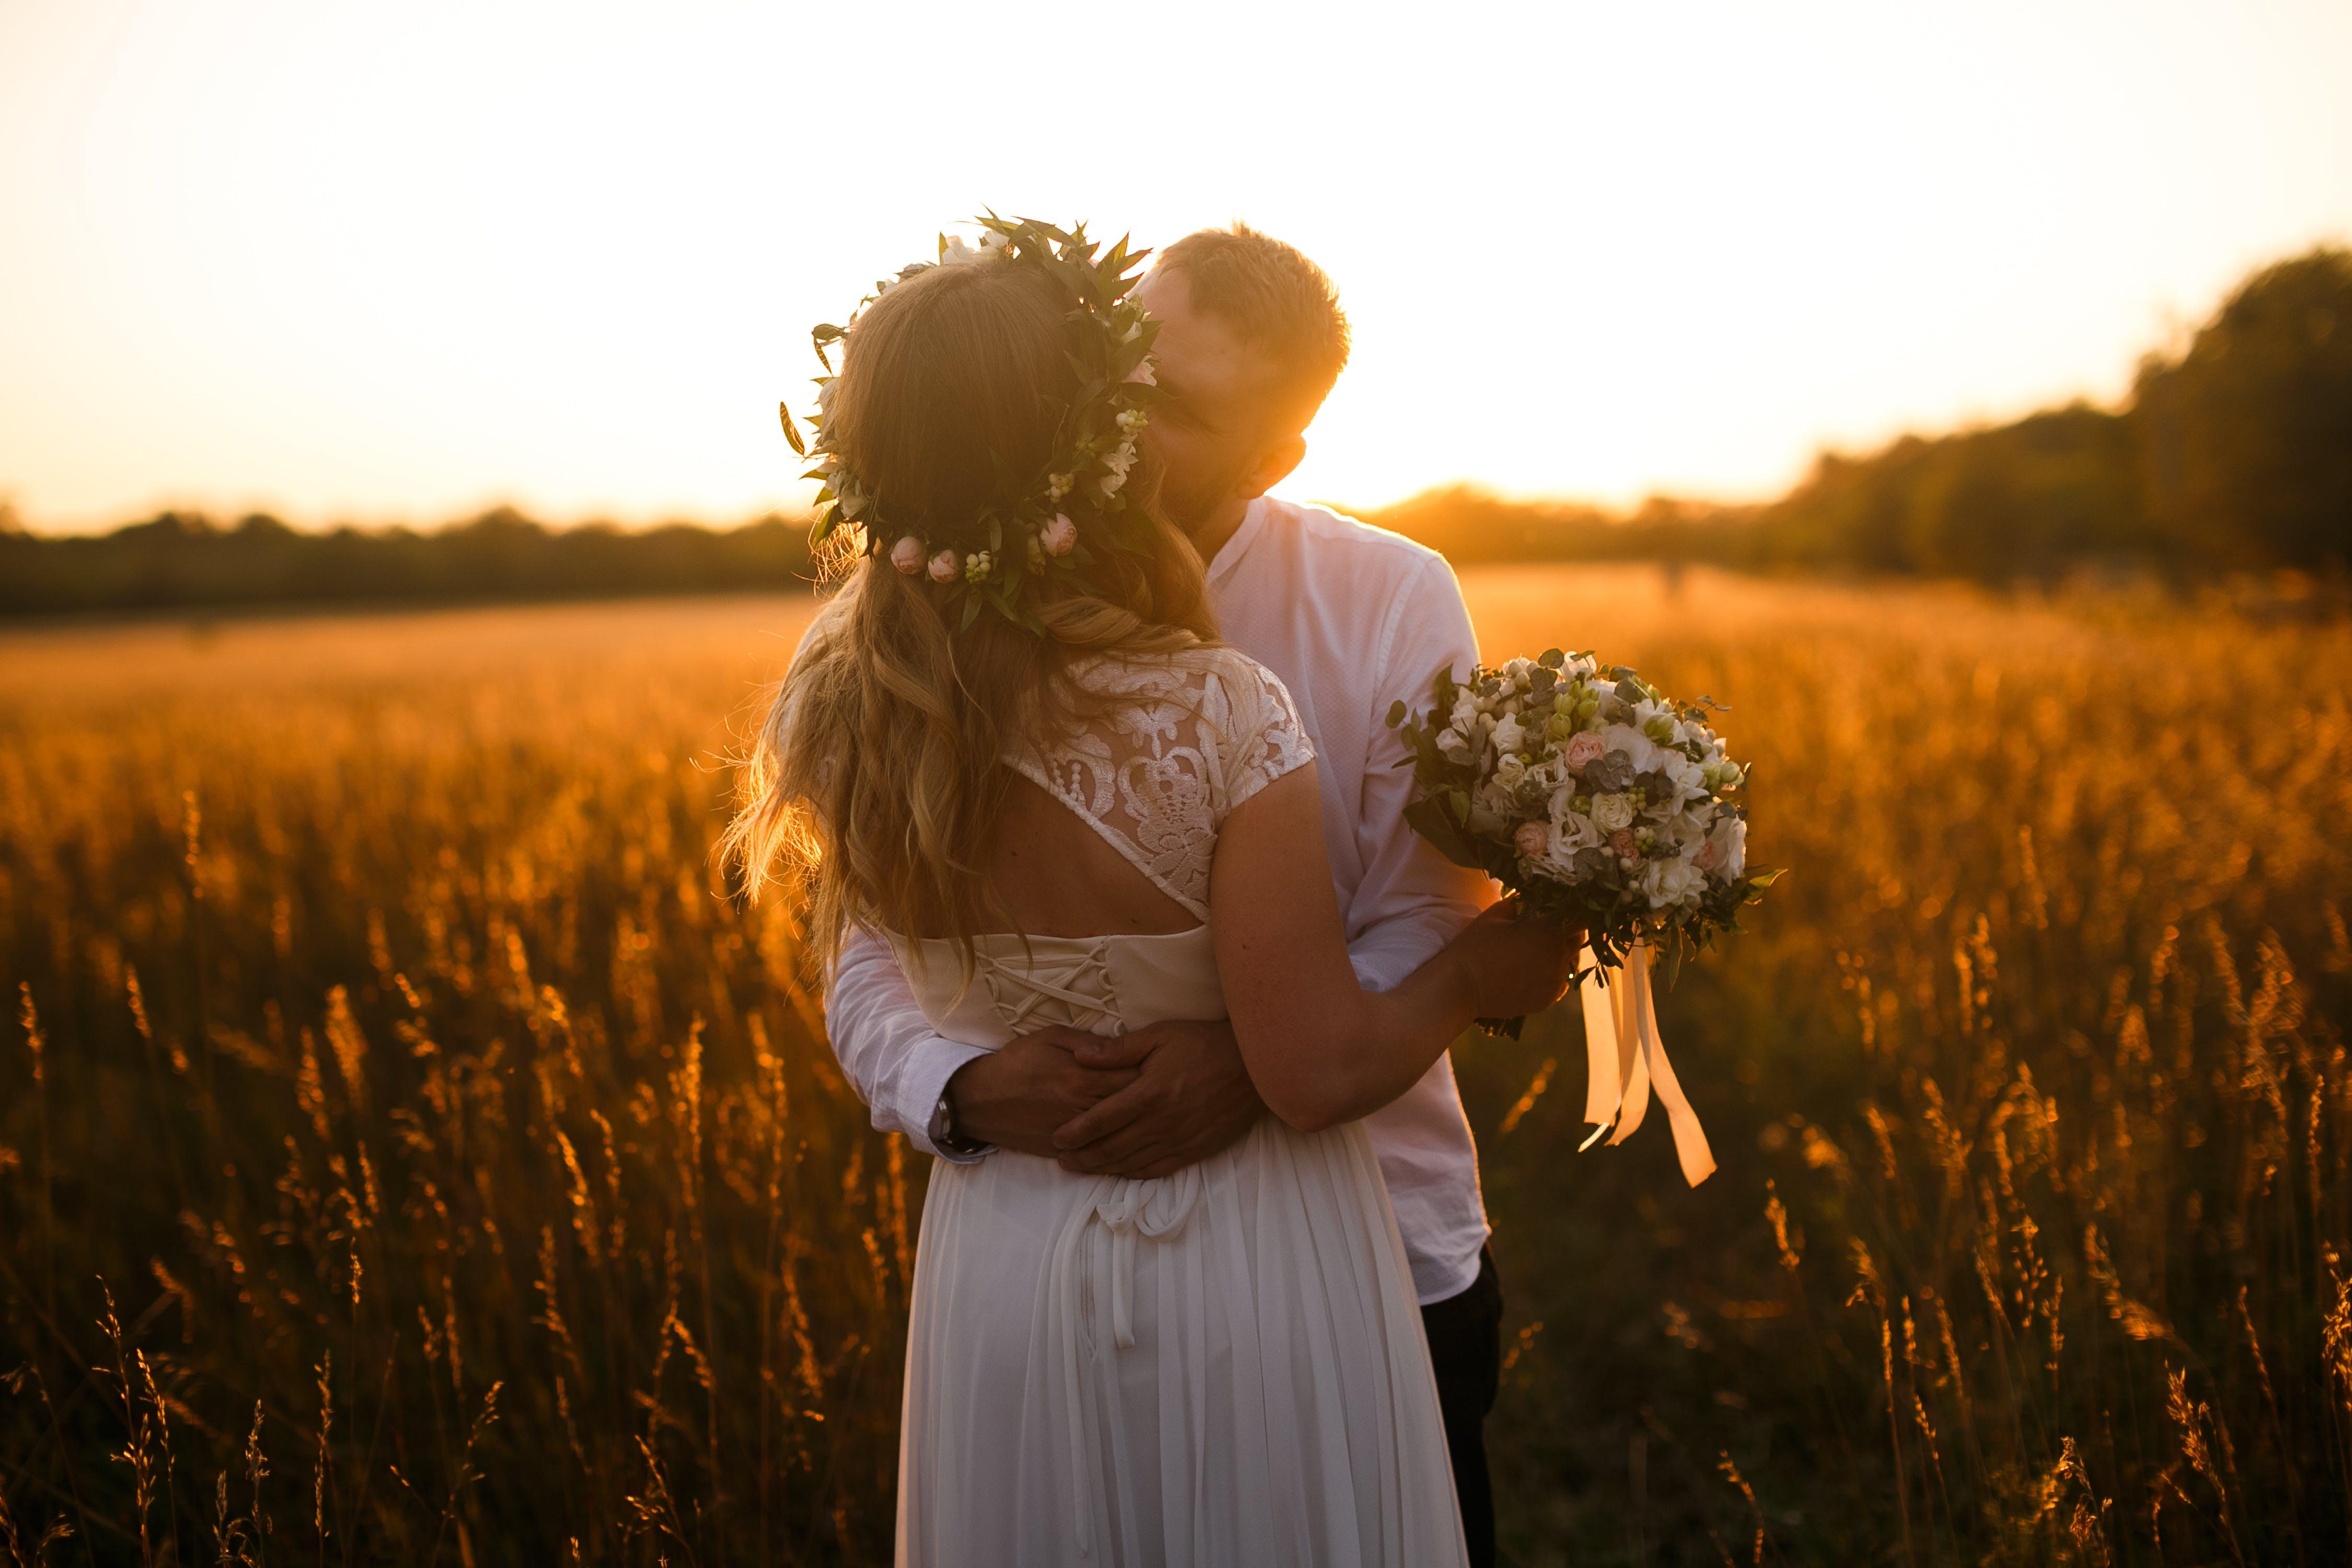 Kostenloses Stock Foto zu acker, blumensträuße, braut und bräutigam, fashion